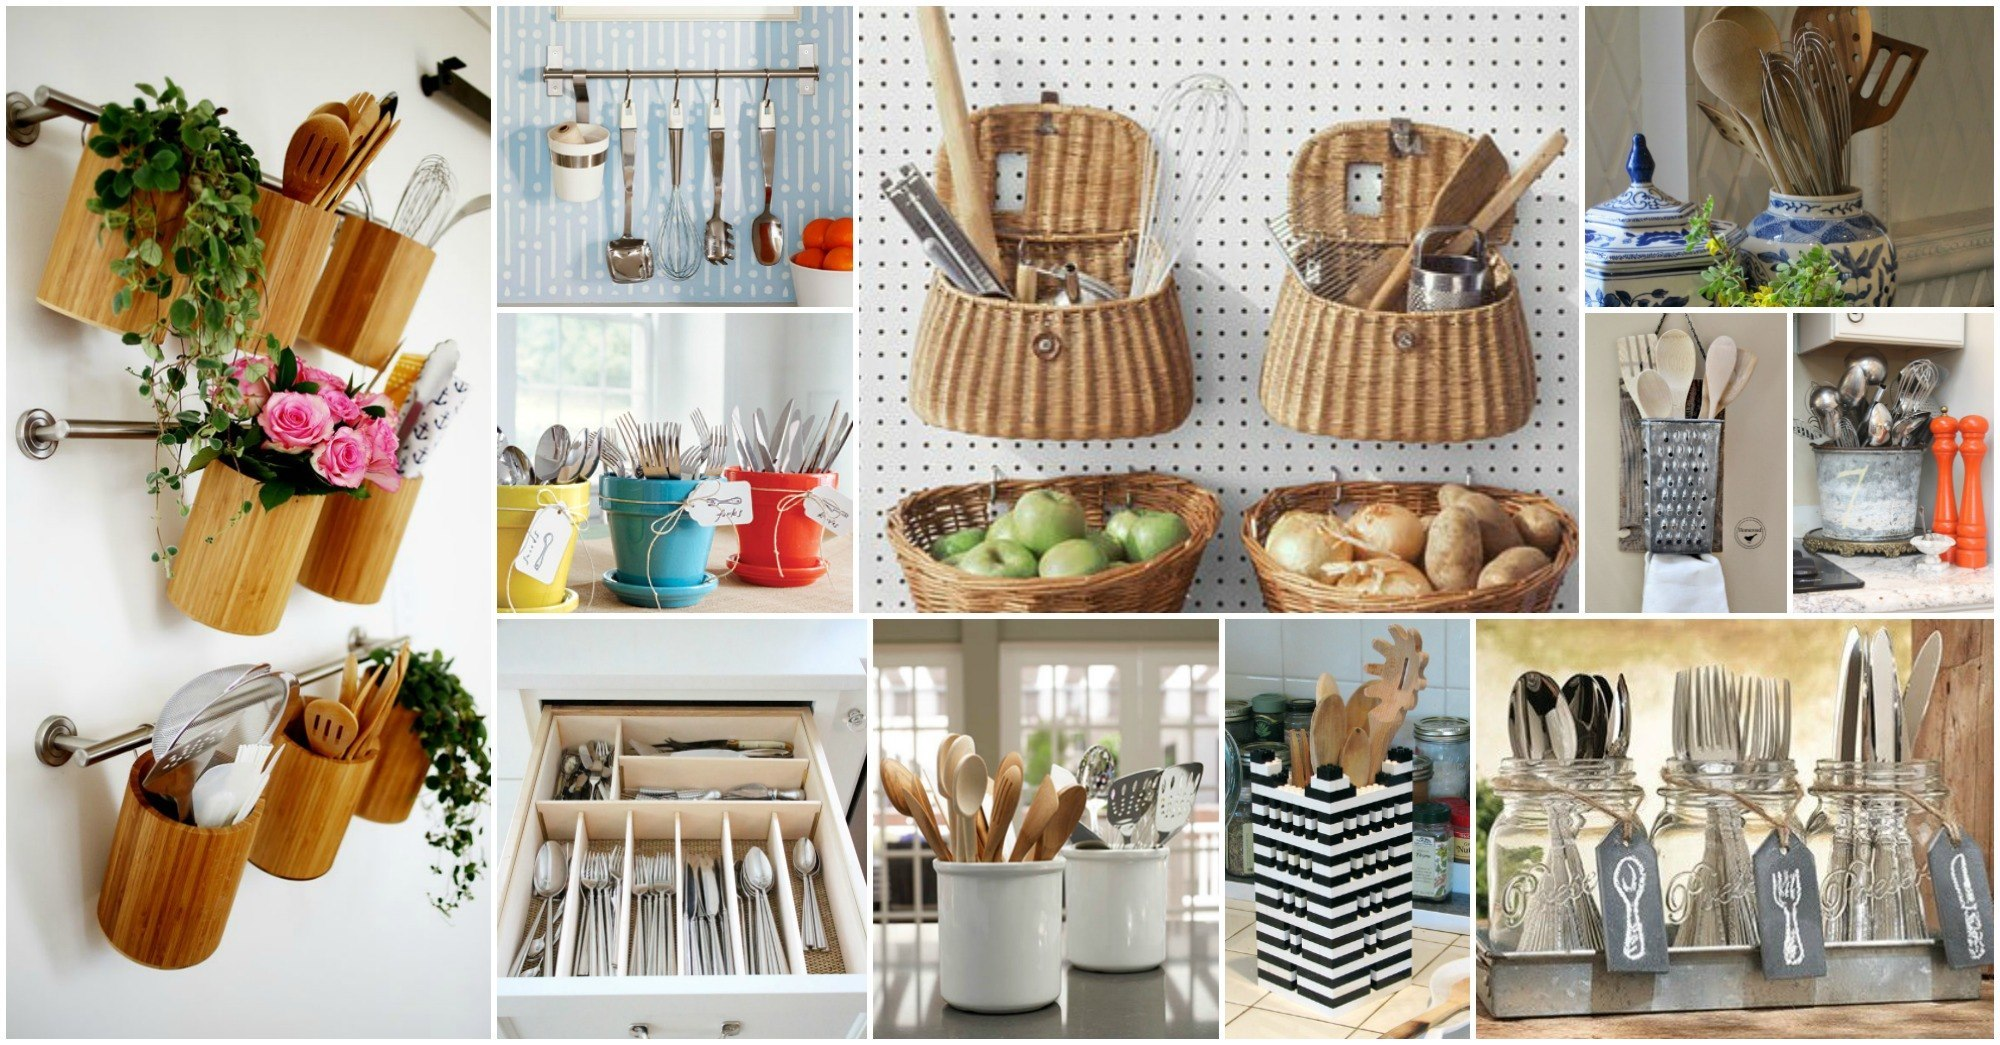 Ingeniosas formas para organizar los utensilios de cocina for Utensilios medidores cocina